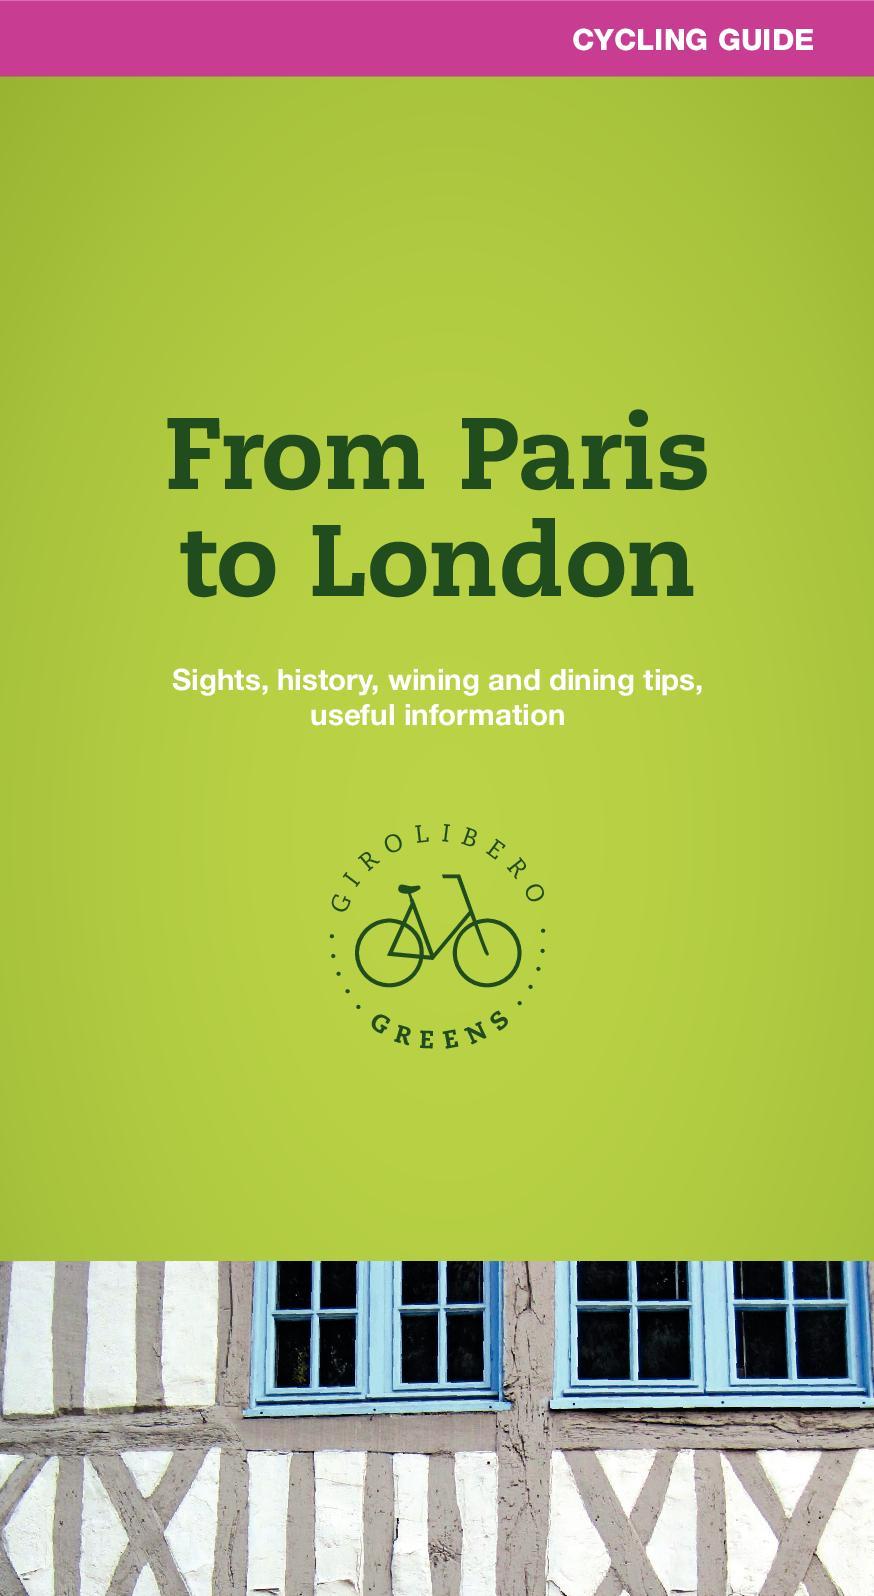 Eclerc Voyage Beau Calaméo Greenway Paris Lodon Cycling Guide Girolibero Greens Of 39 Génial Eclerc Voyage